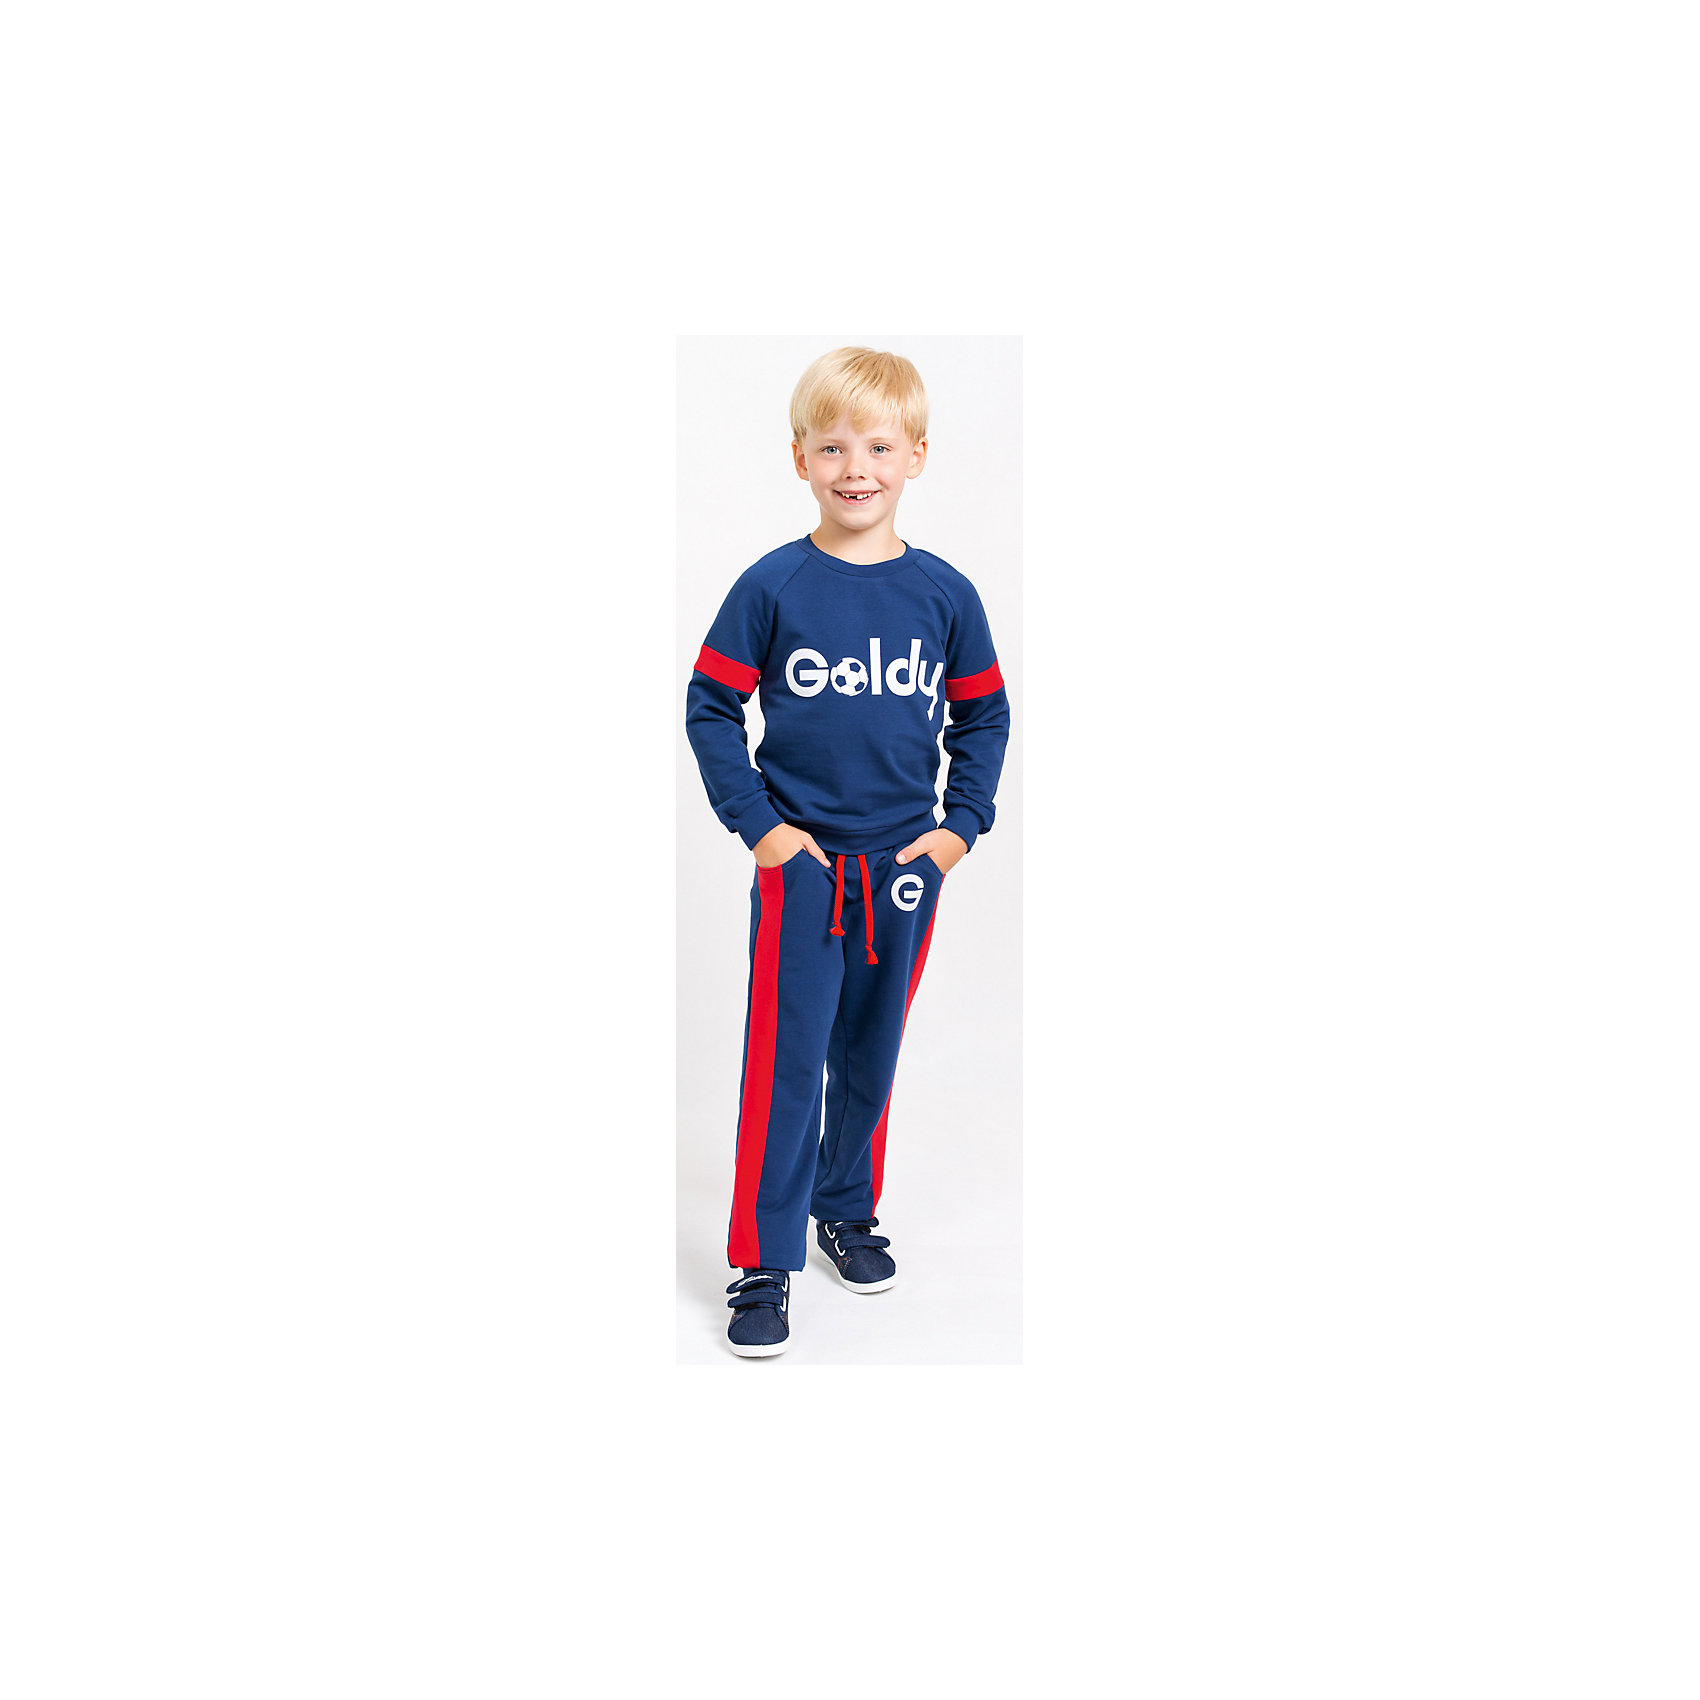 Спортивный костюм для мальчика GoldyКомплекты<br>Спортивный костюм для мальчика от белорусской марки Goldy. Костюм состоит из толстовки и брюк с манжетами.<br>Состав:<br>футер компакт пенье (70% хлопок, 26% ПЭ, 4% лайкра)<br><br>Ширина мм: 247<br>Глубина мм: 16<br>Высота мм: 140<br>Вес г: 225<br>Цвет: синий/красный<br>Возраст от месяцев: 24<br>Возраст до месяцев: 36<br>Пол: Мужской<br>Возраст: Детский<br>Размер: 98,104,110,116,122,92<br>SKU: 4921132